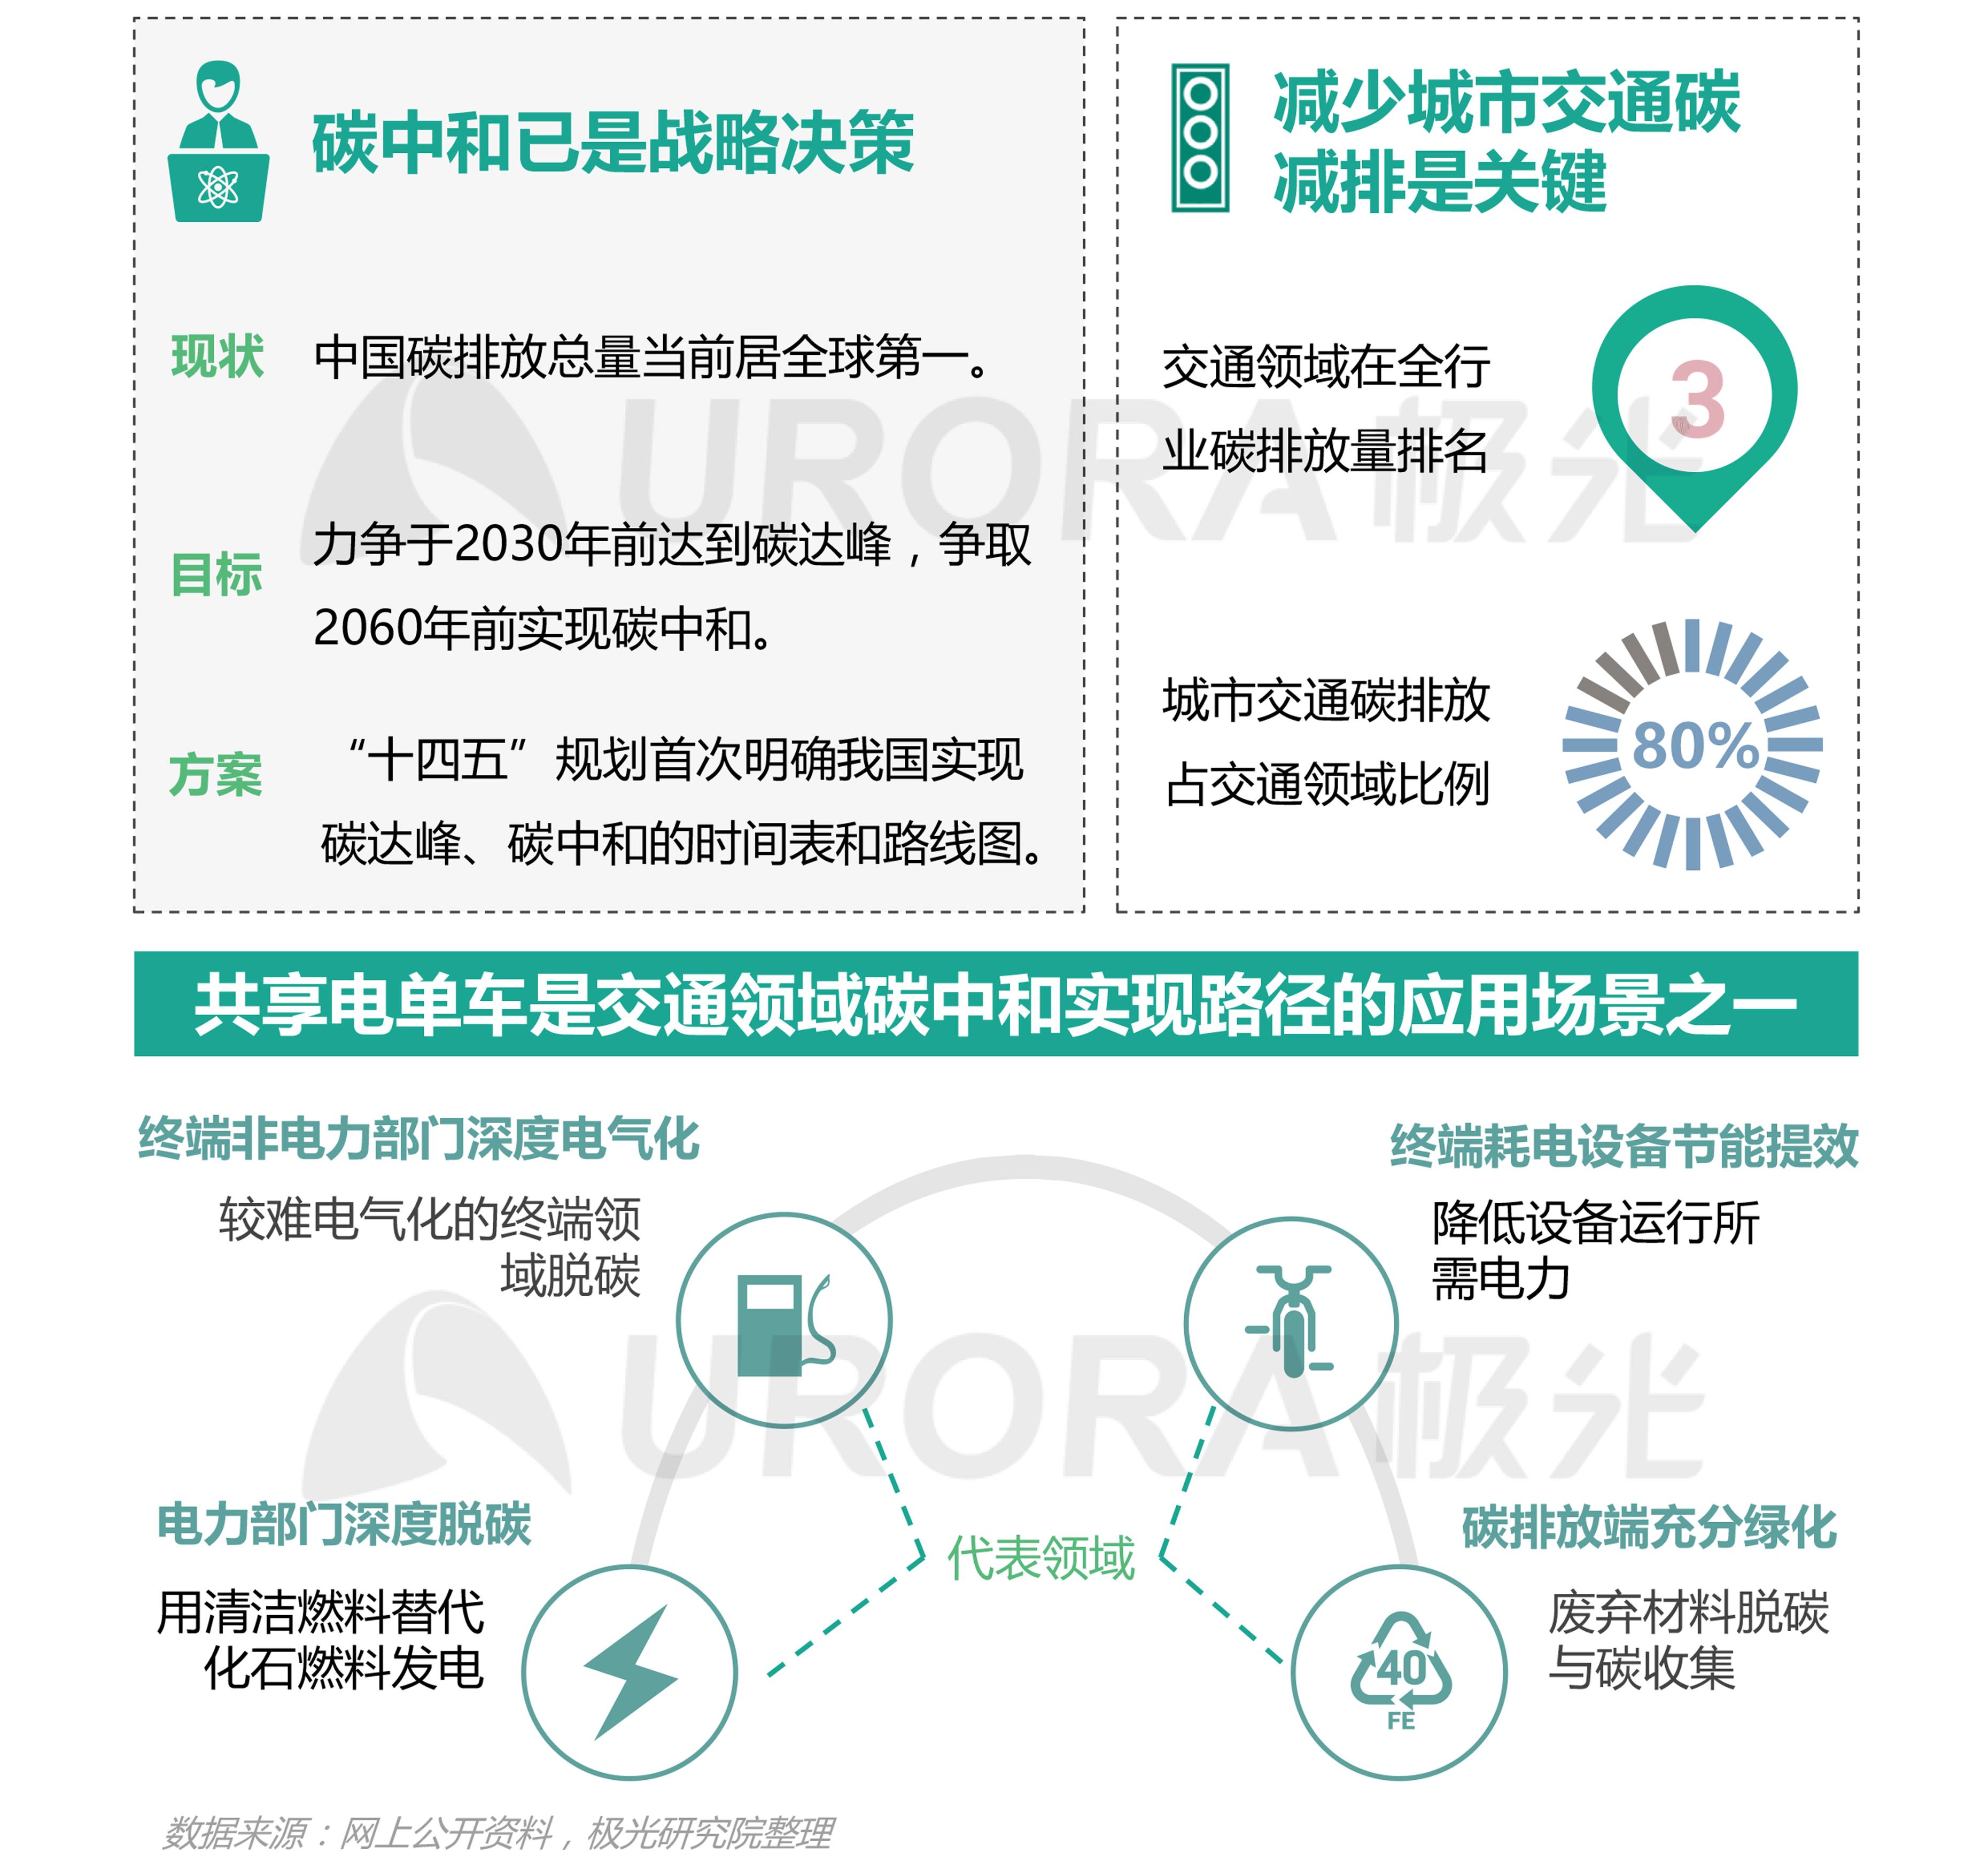 JIGUANG-共享电单车社会价值研究报告_0528(终版)-6.png